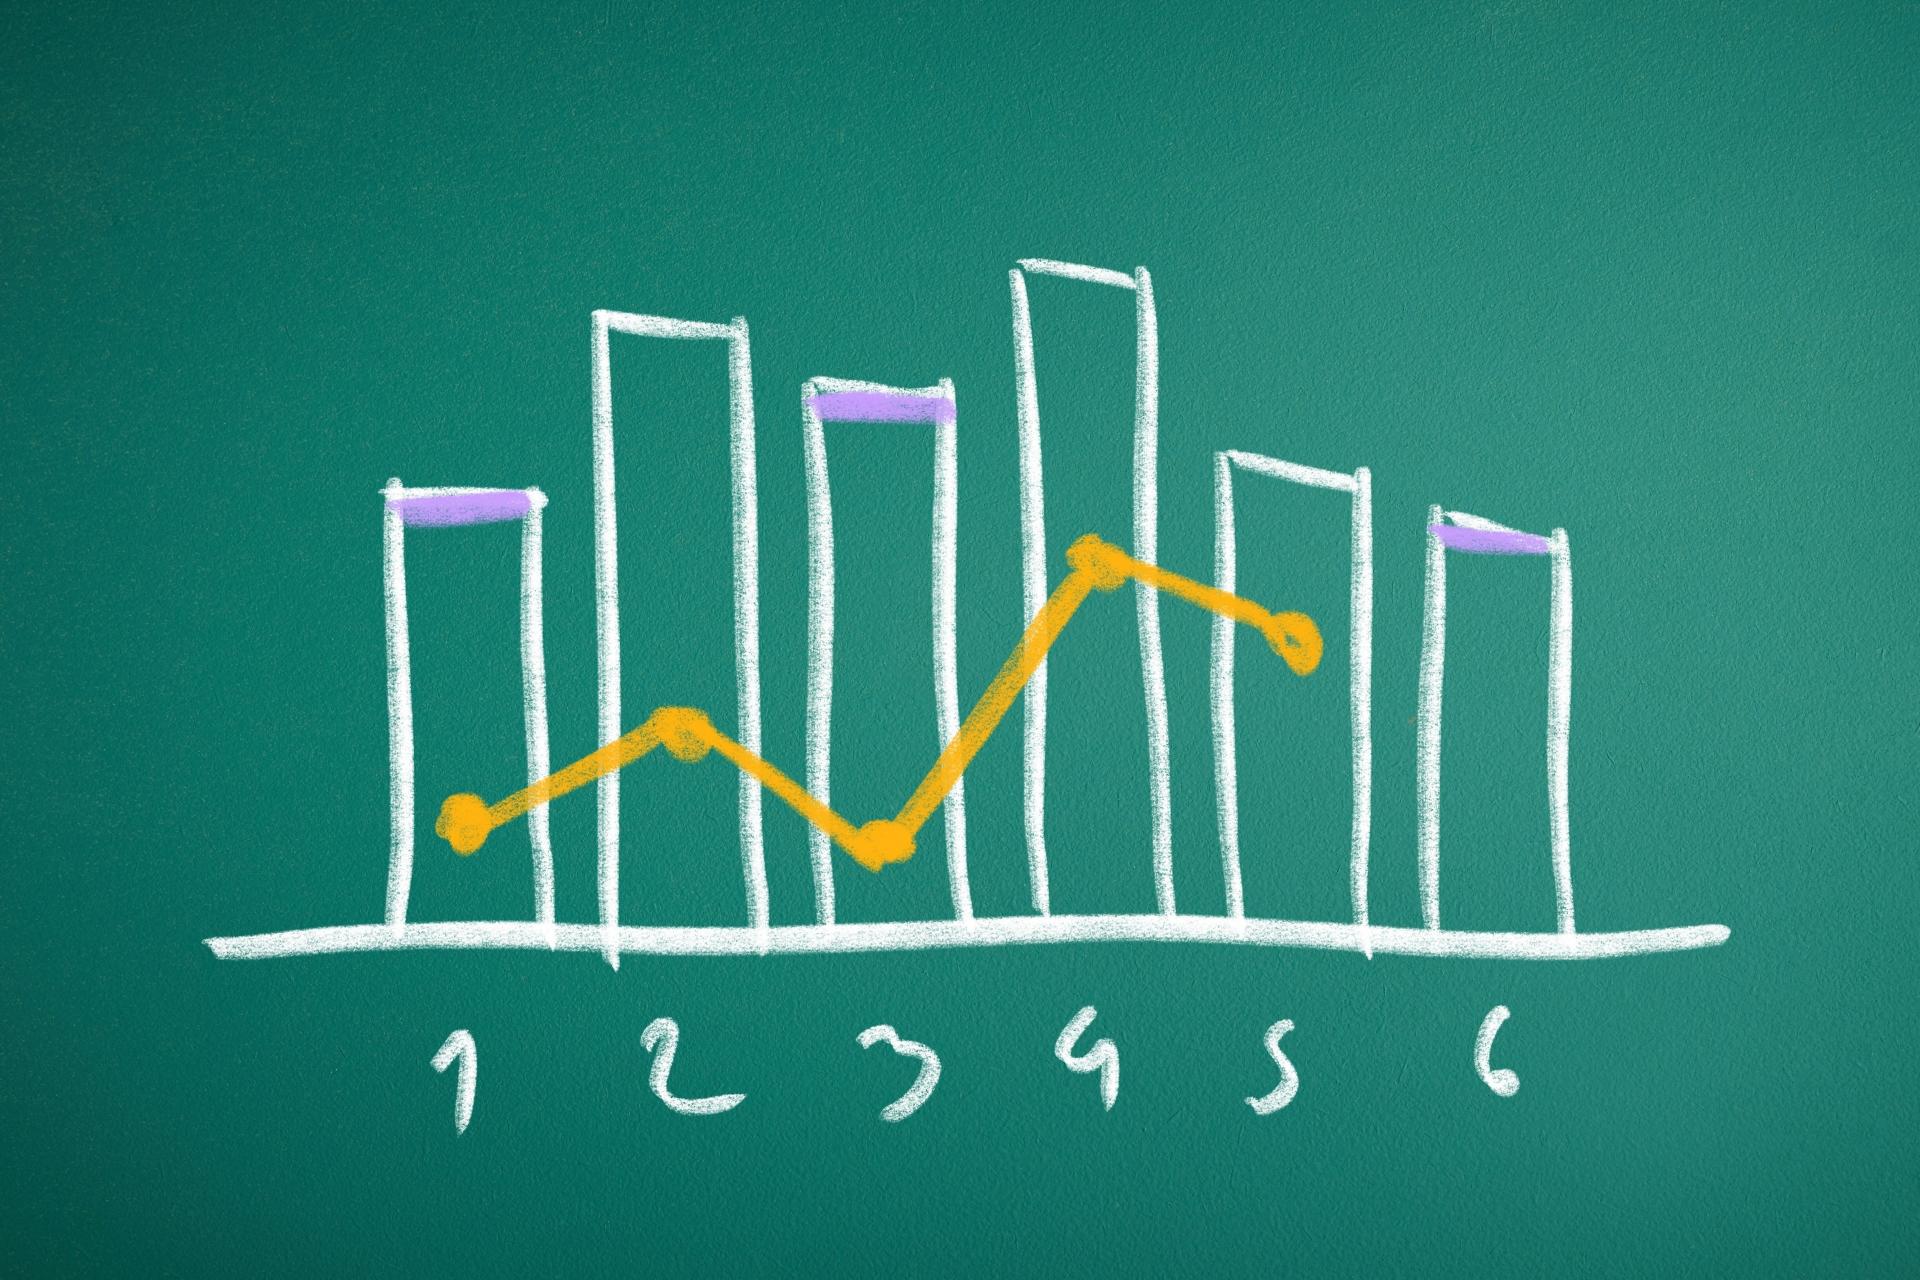 相続税改正の影響~相続税の課税対象者が約2倍に~-相続・事業承継トピックス(アングルVol.47)